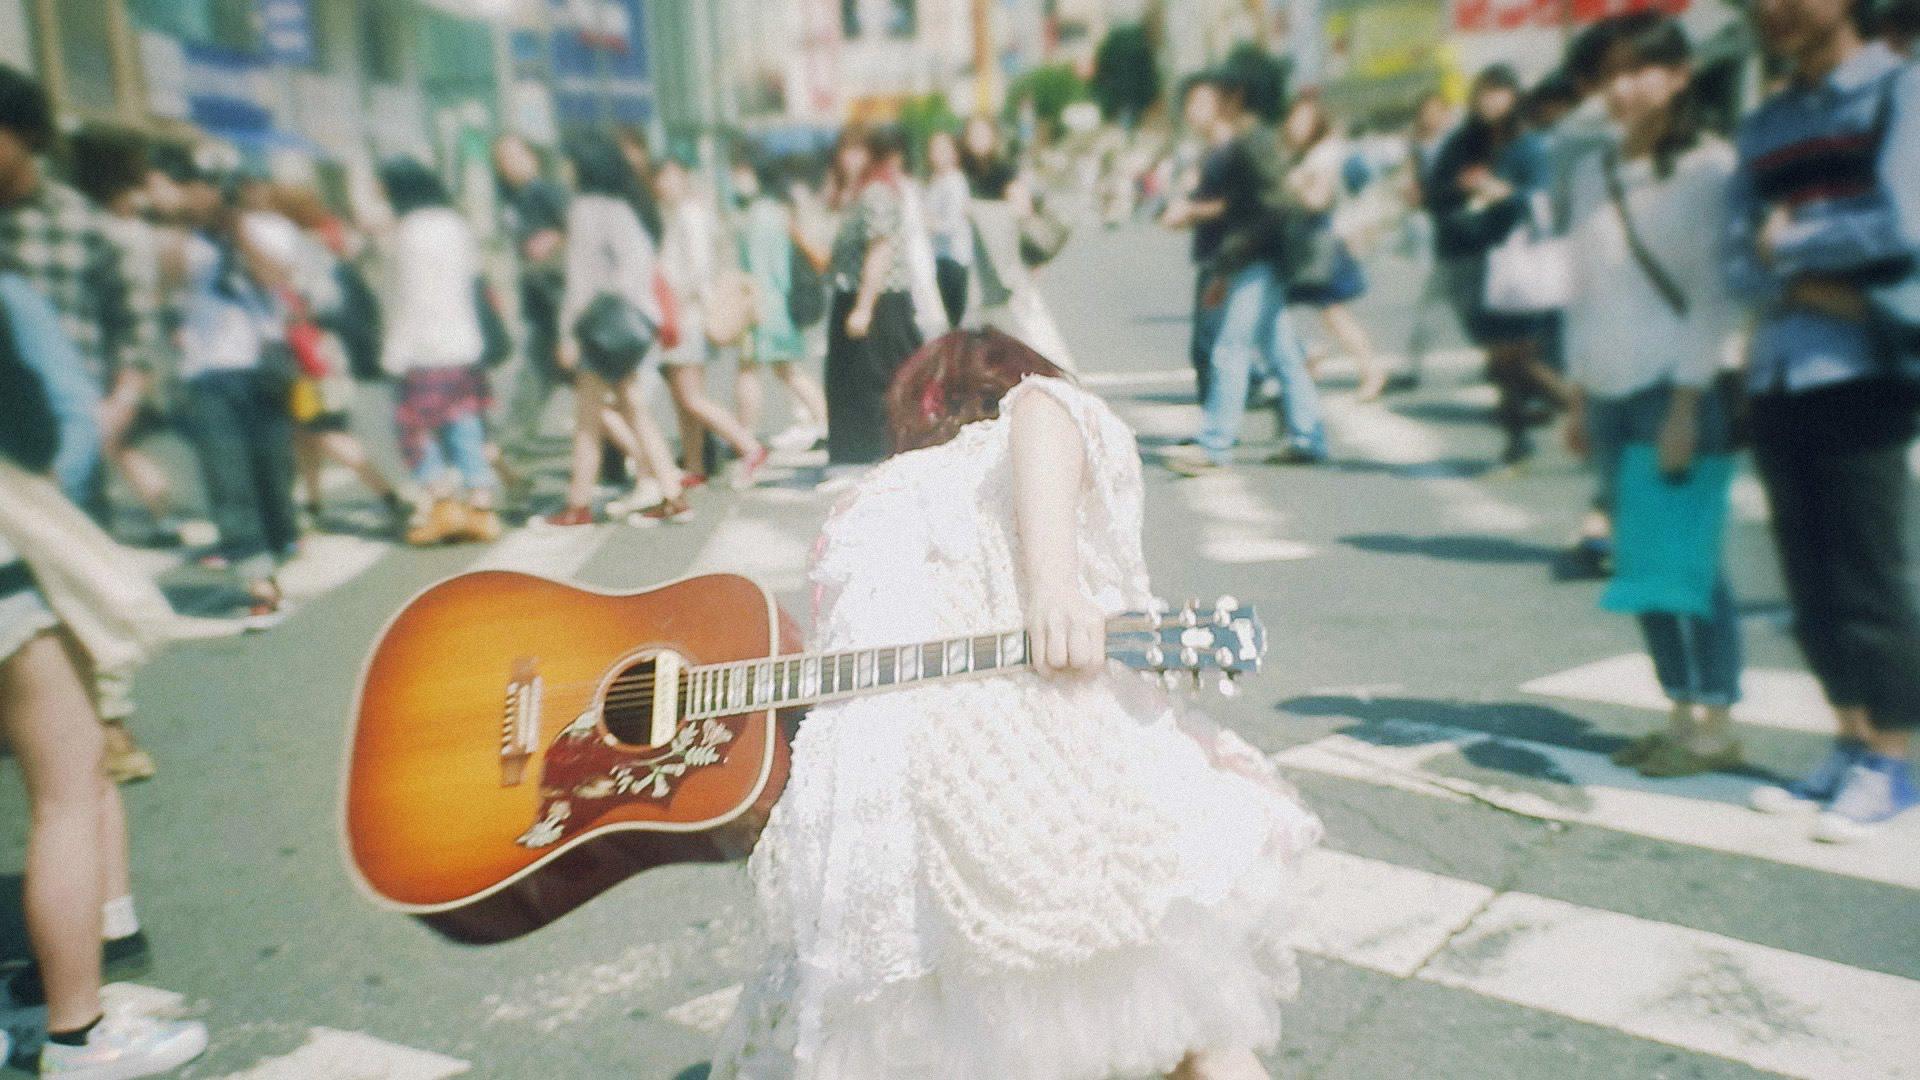 大森靖子がmusic japanで熱唱!した「マジックミラー」動画の感想~